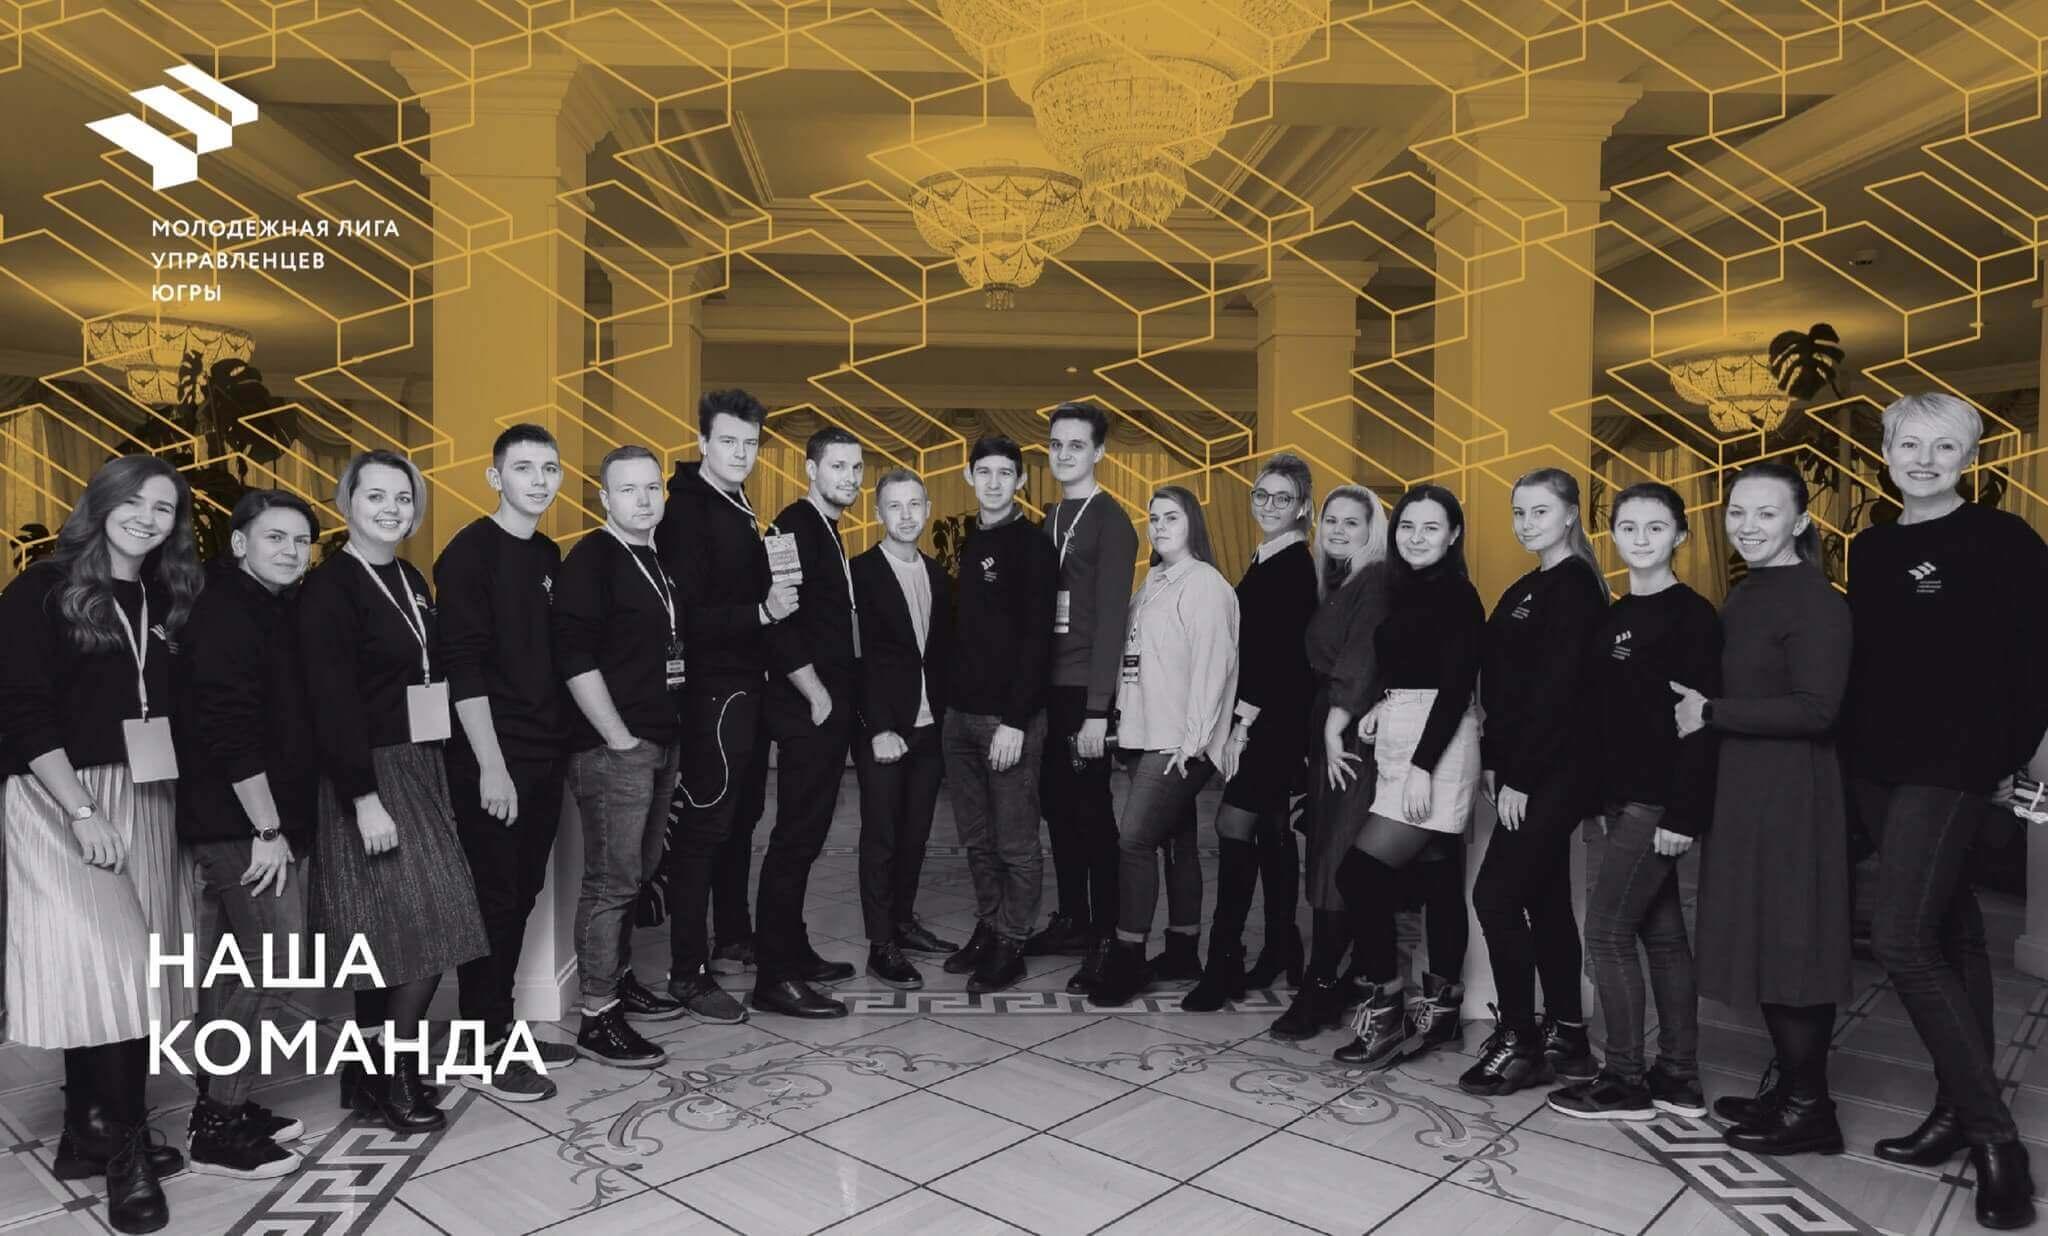 Муниципальный этап проекта «Молодежная лига управленцев»